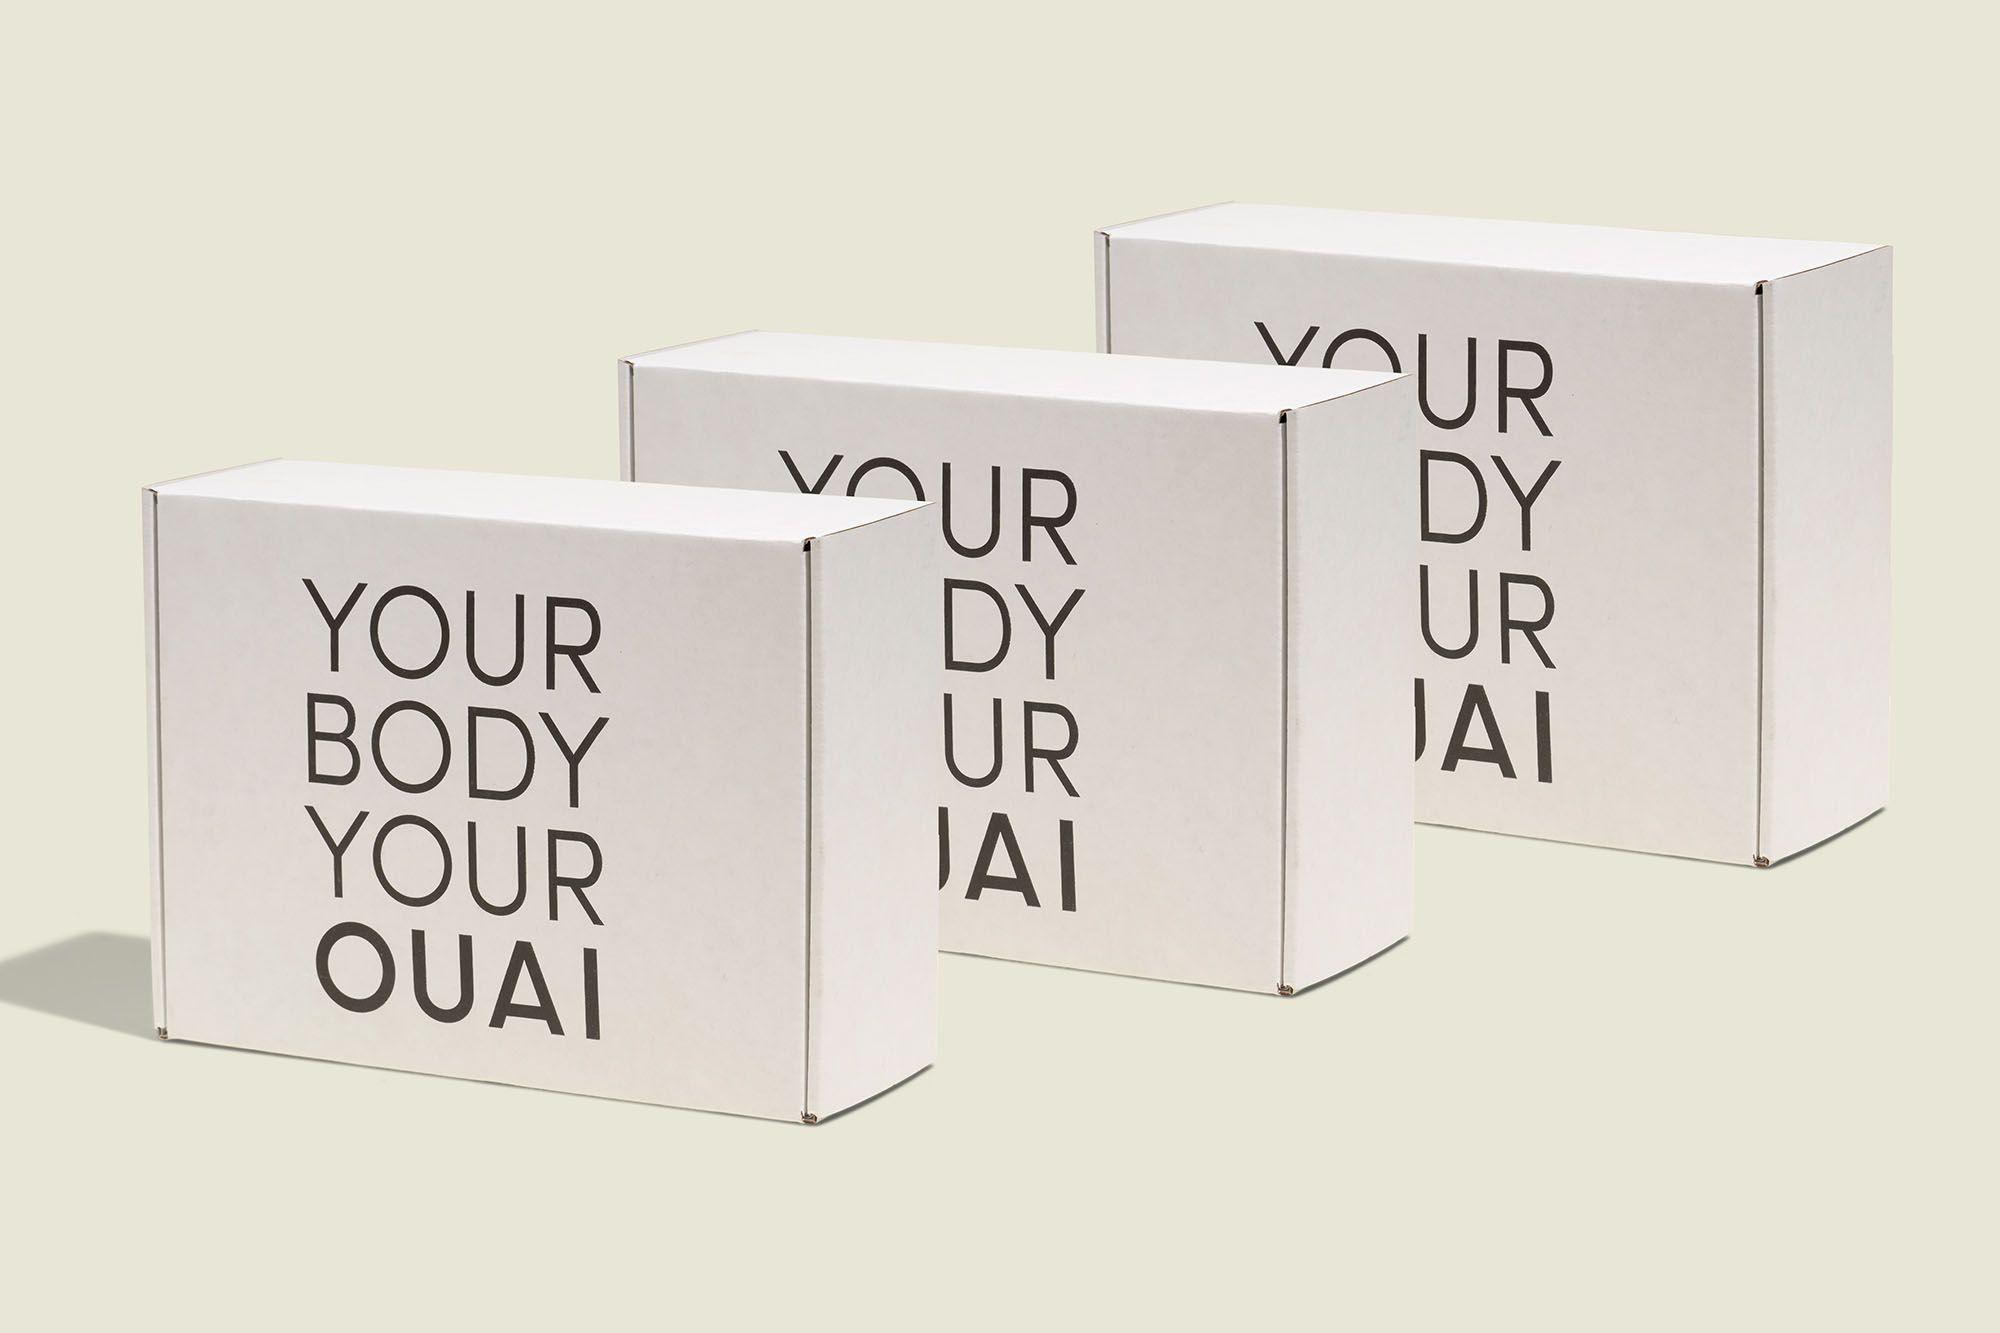 Custom printed packaging